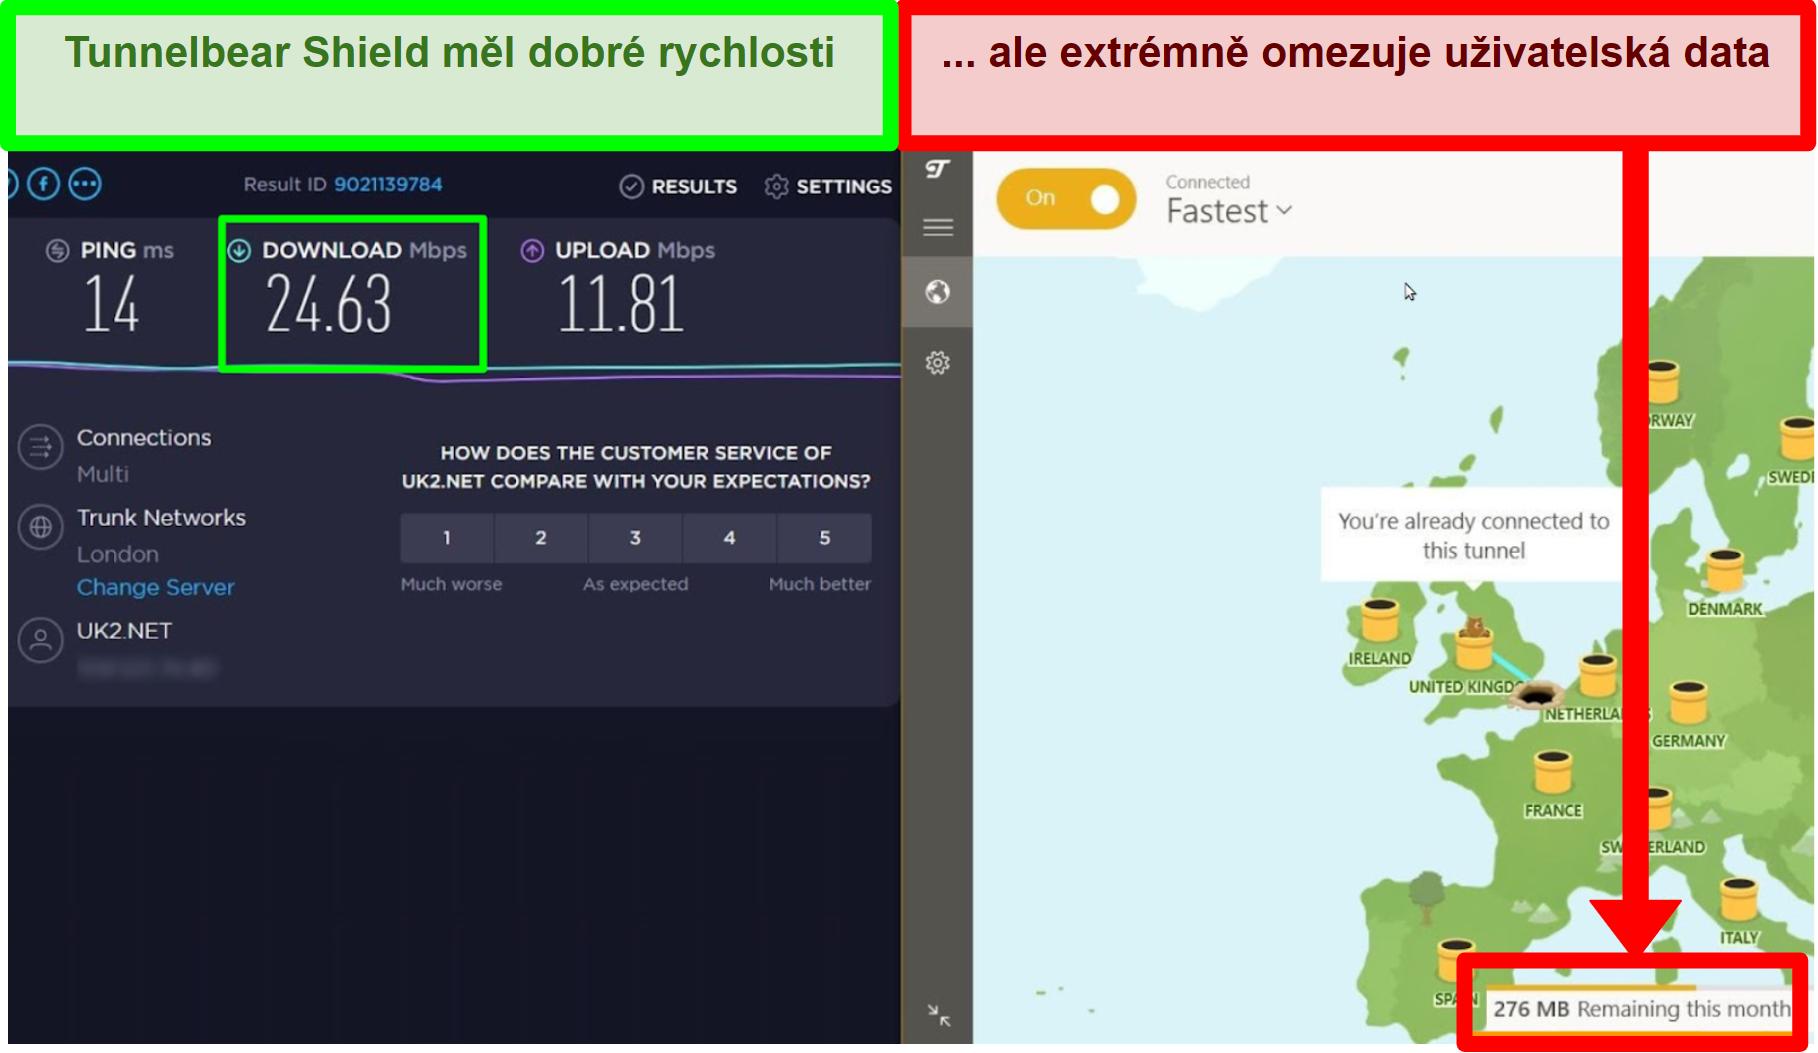 TunnelBear má dobré rychlosti, ale omezuje uživatelská data